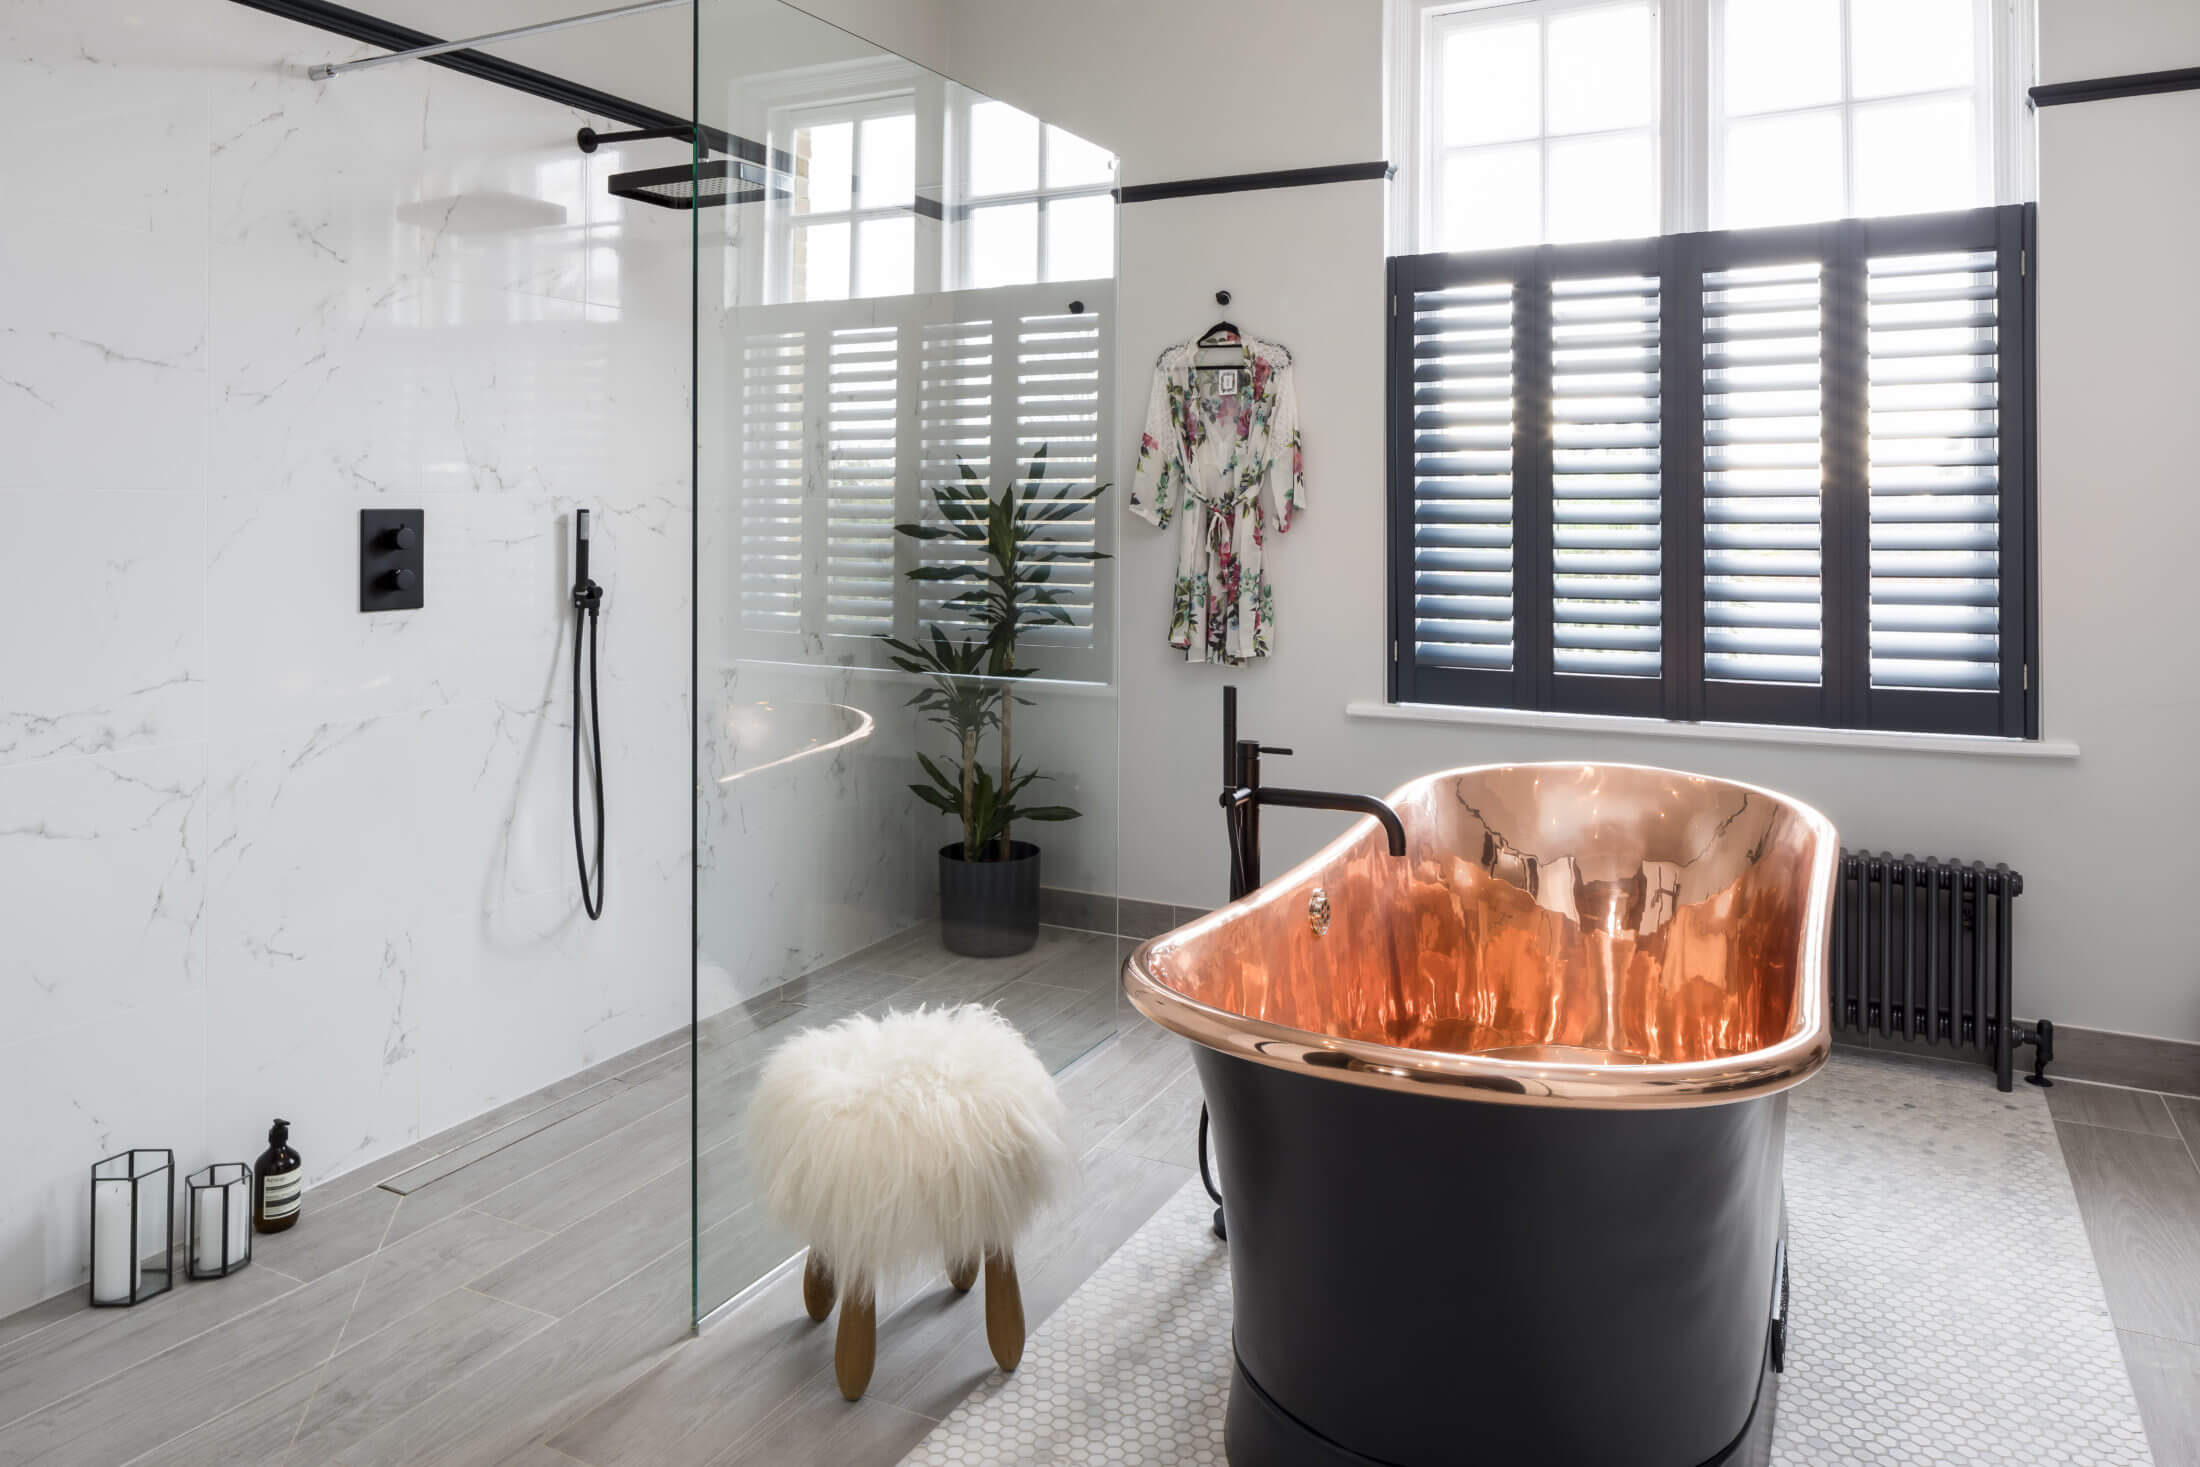 Bathroom Eleven - Copper and Black Bathroom Ensuite in Surbiton